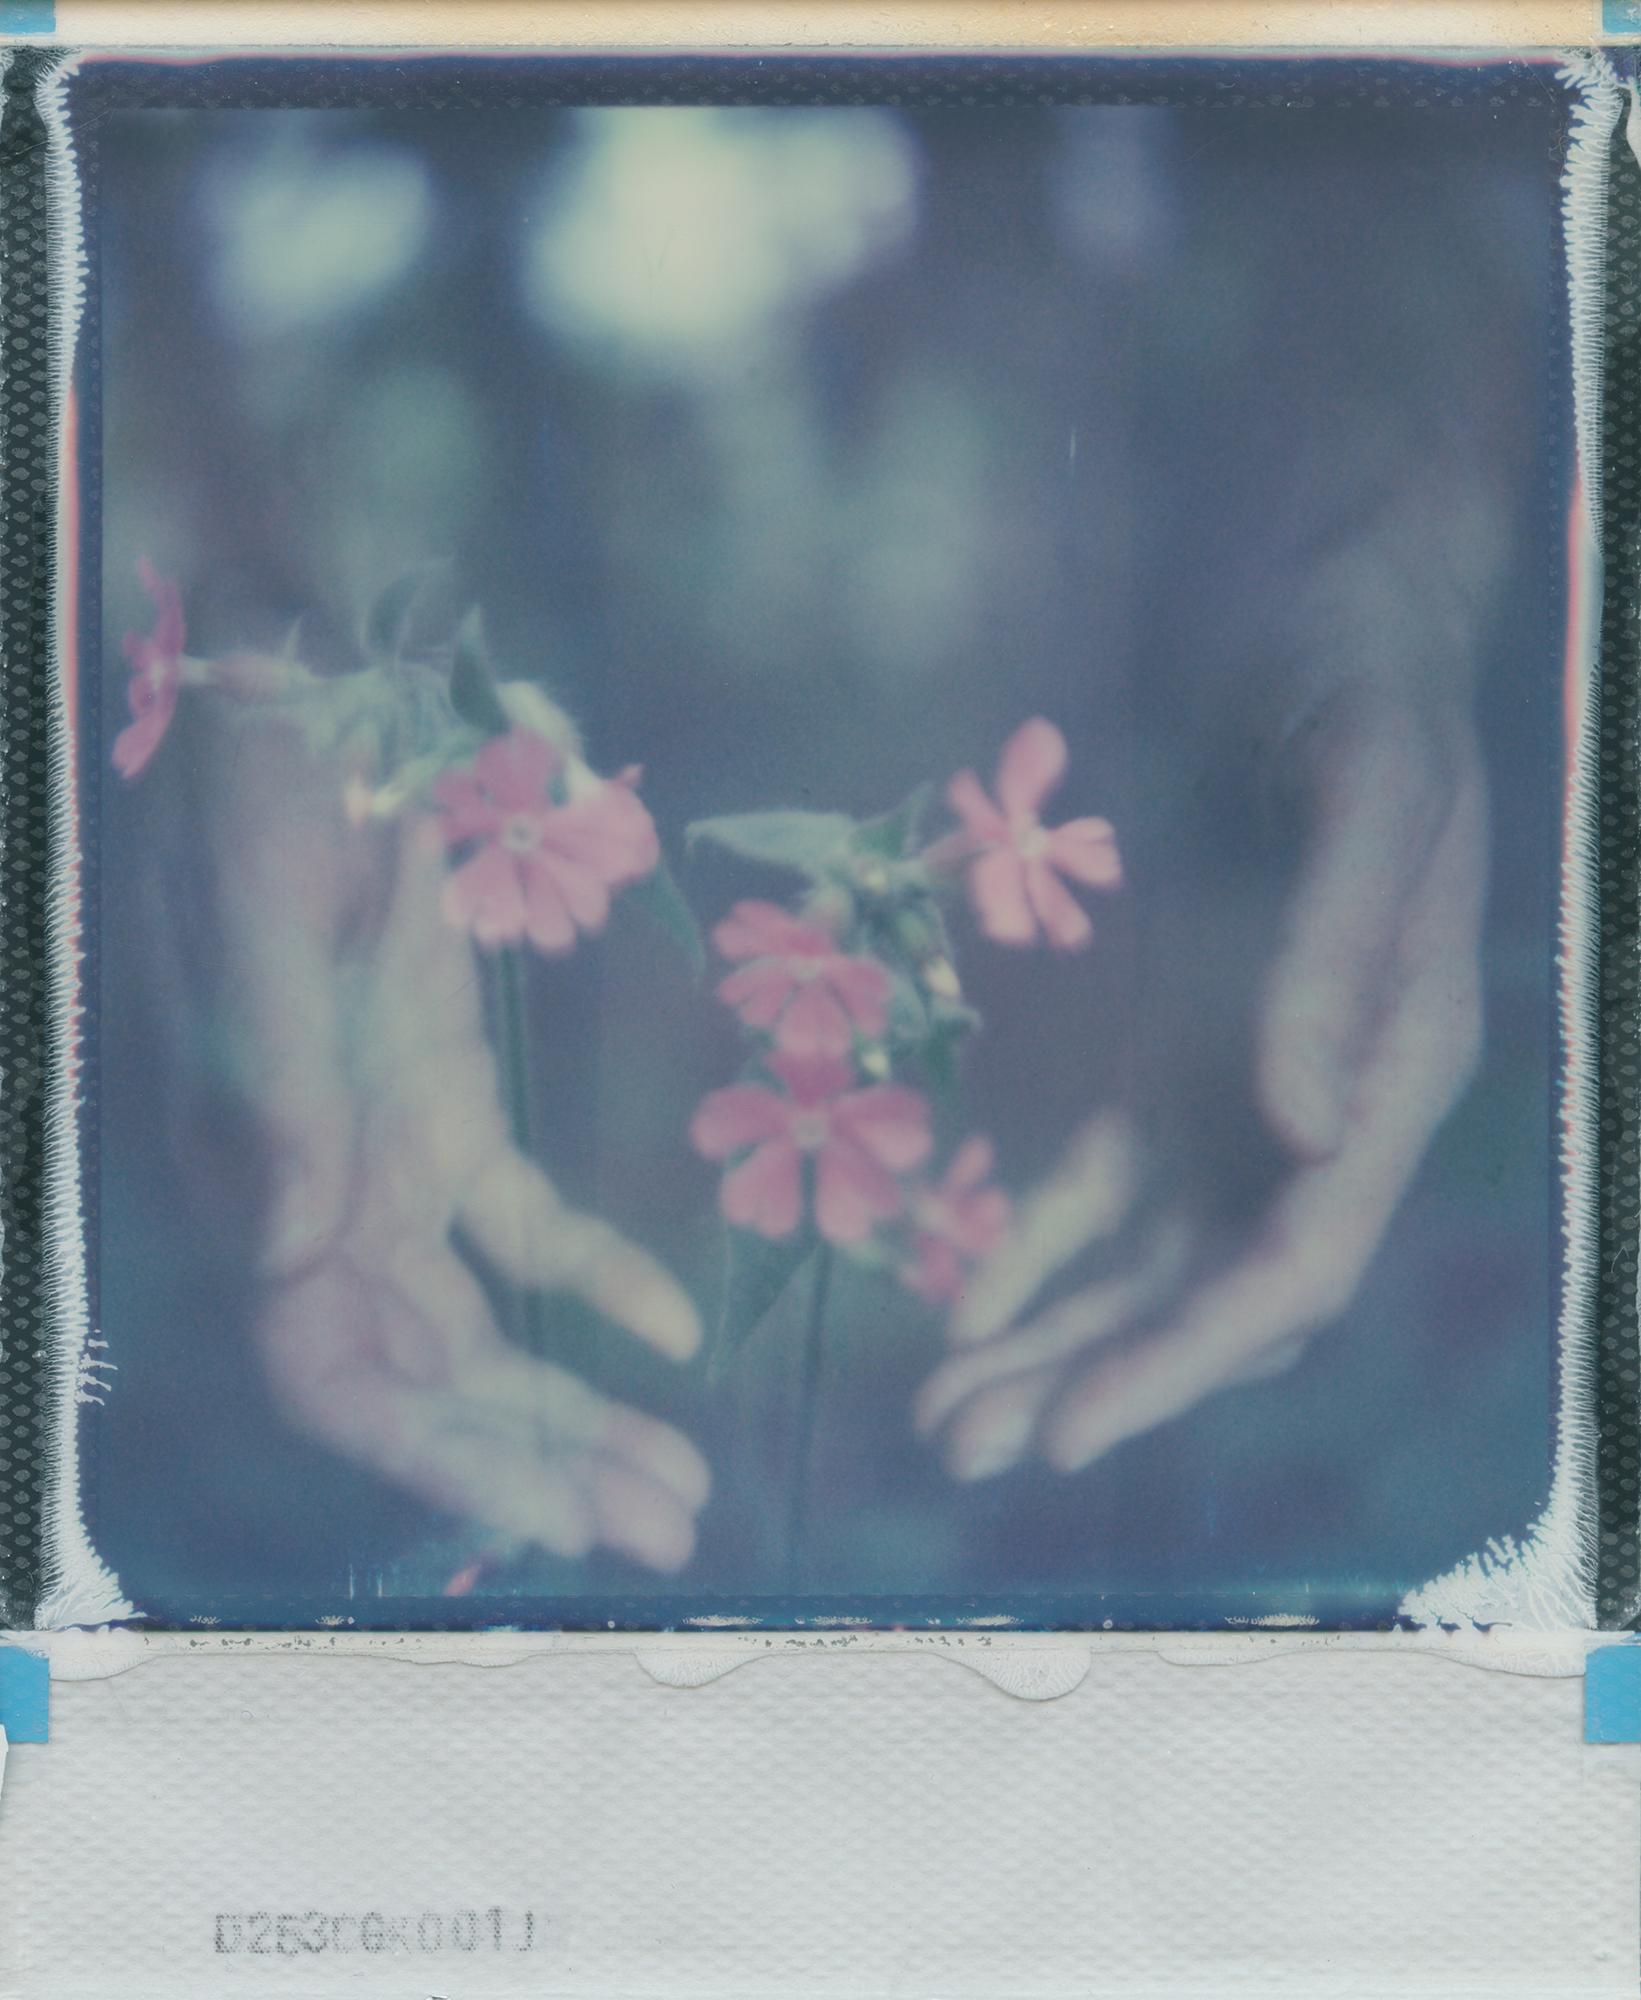 © Mila Maes | In between